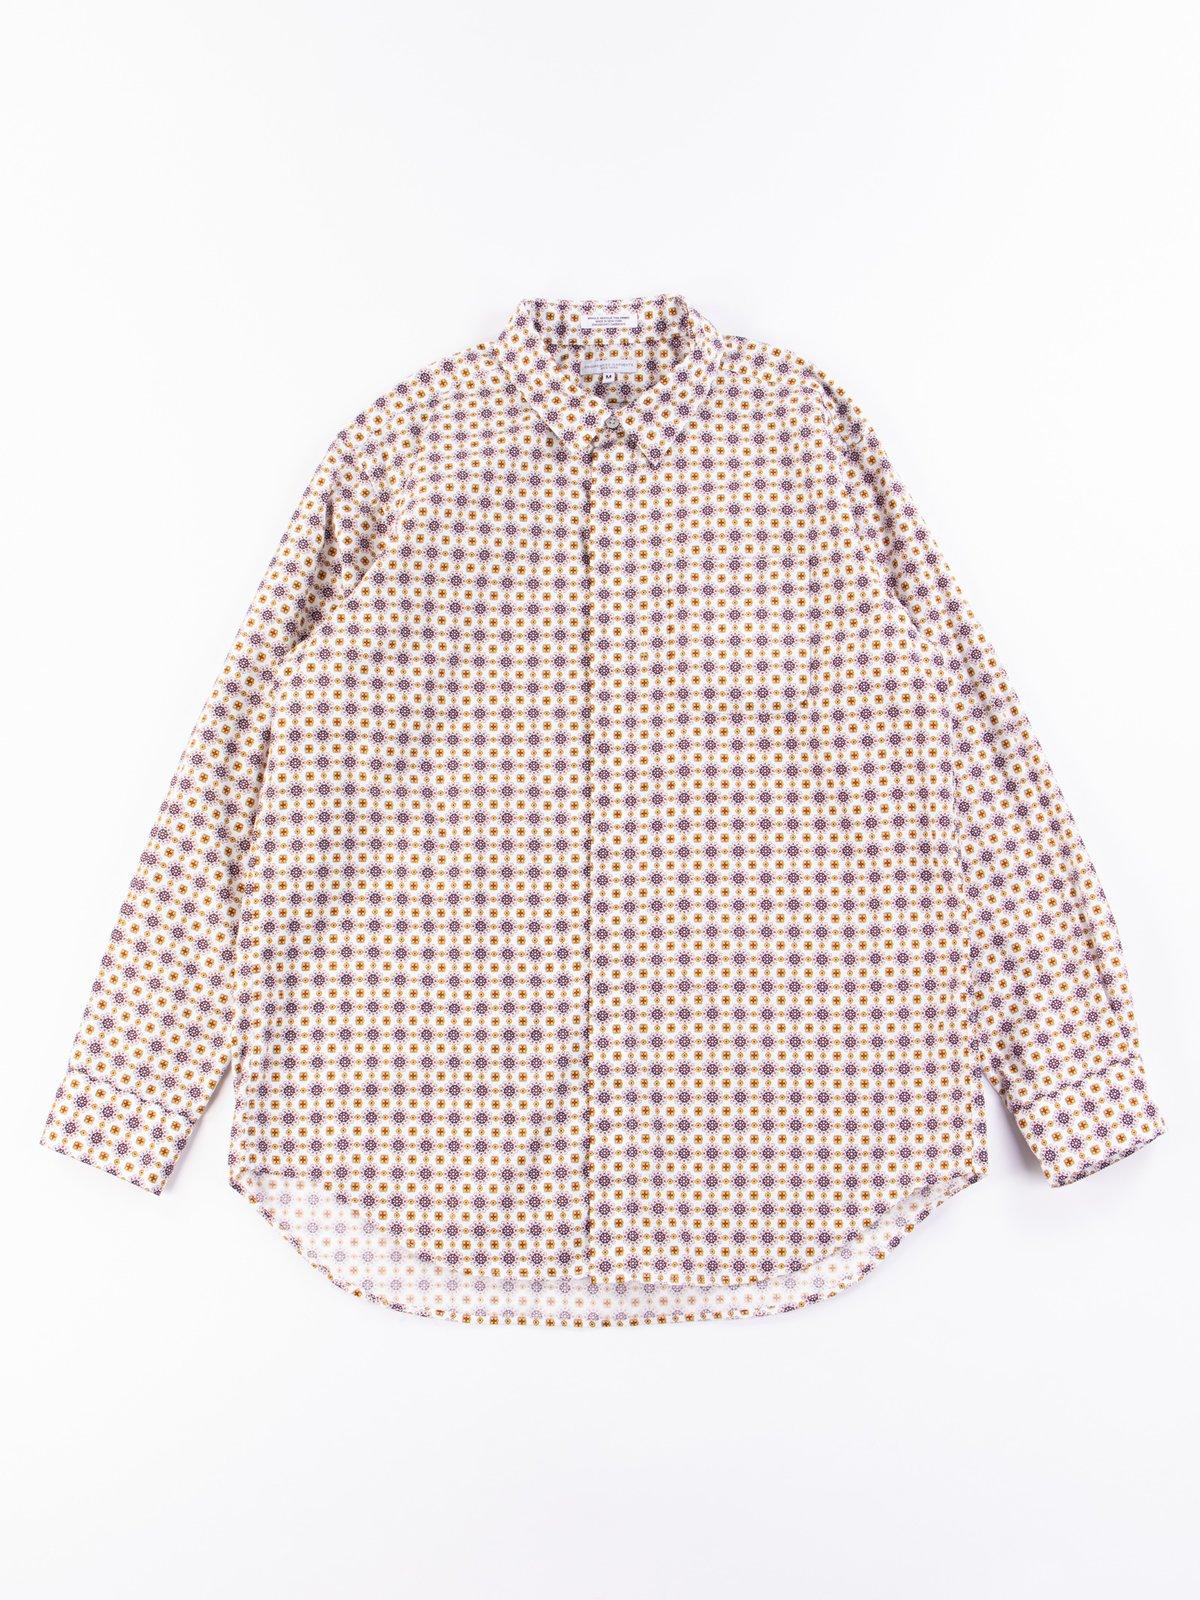 White Floral Foulard Print Short Collar Shirt - Image 1